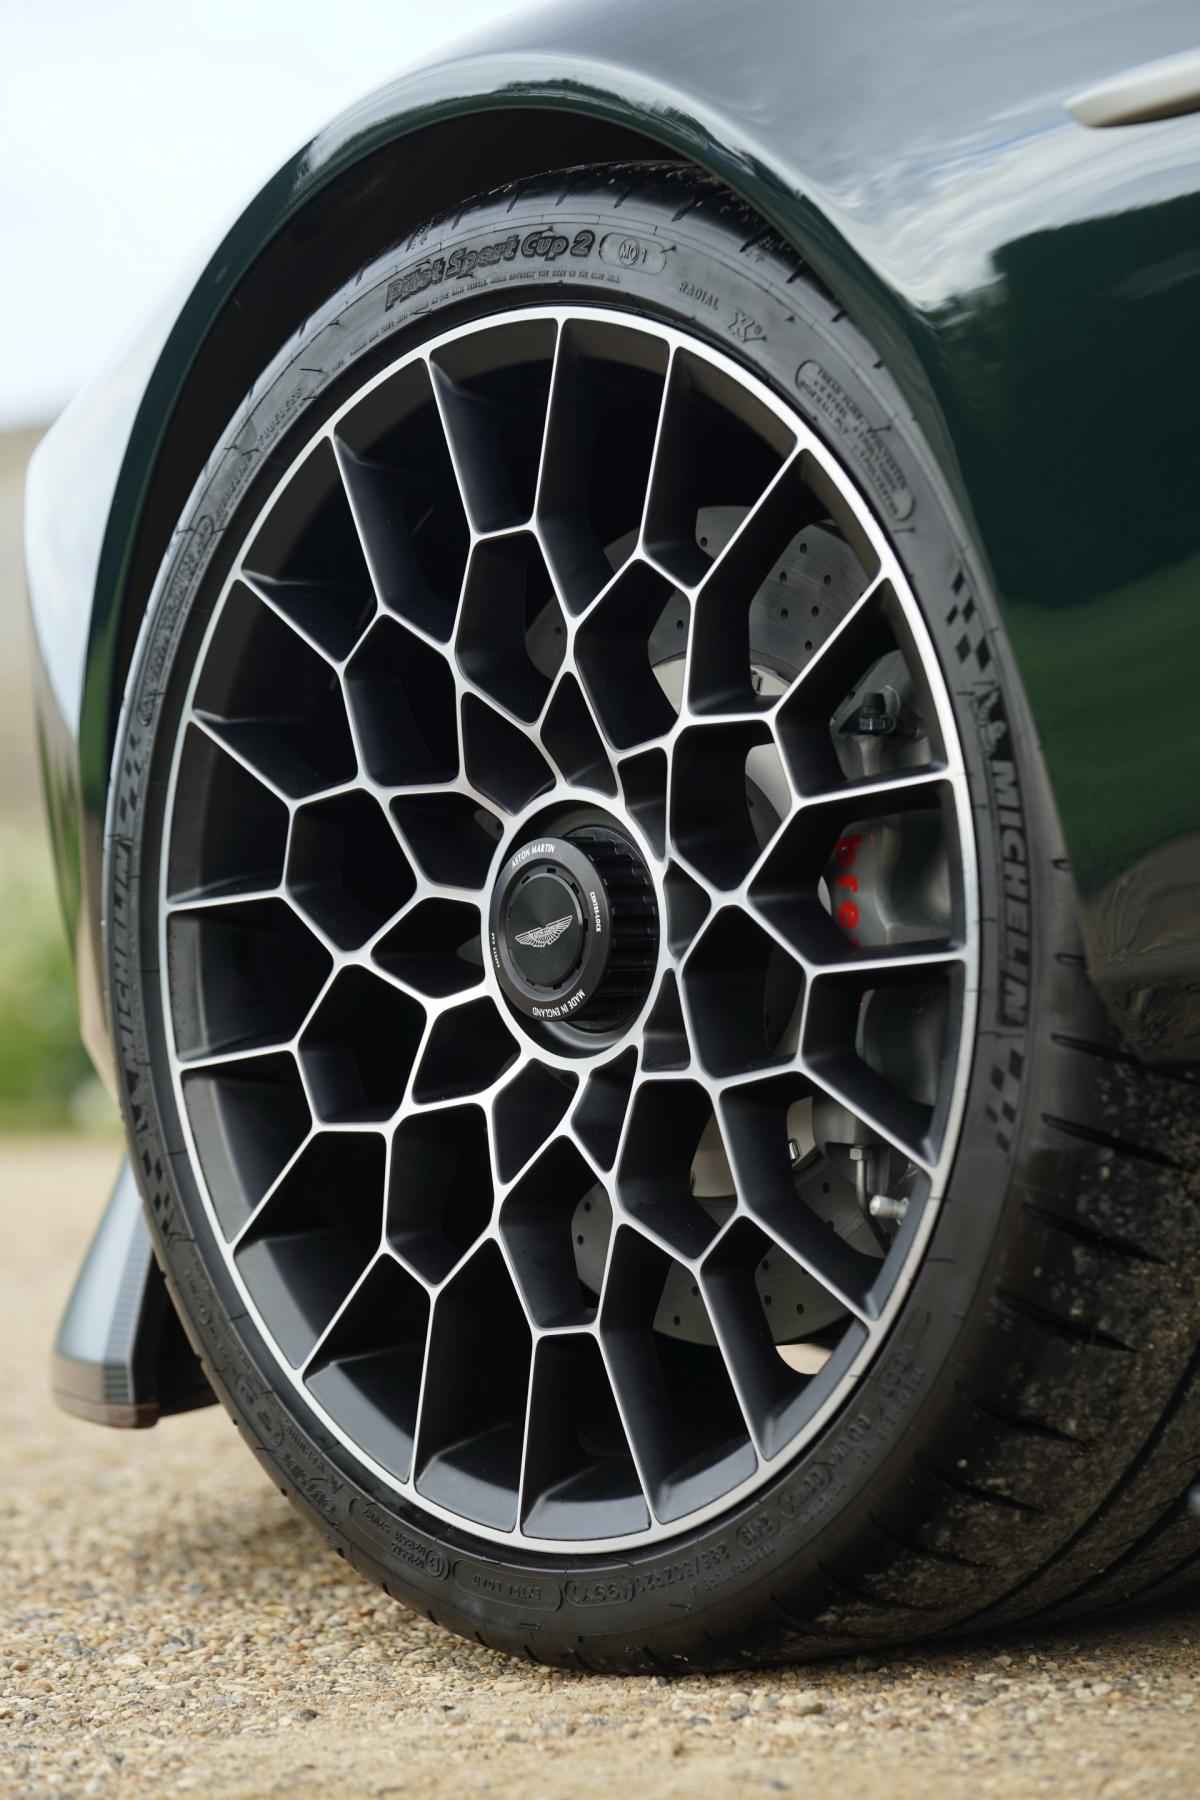 Aston Martin Victor của Q Division vừa được ra mắt cách đây không lâu tại sự kiện London's Concours of Elegance.